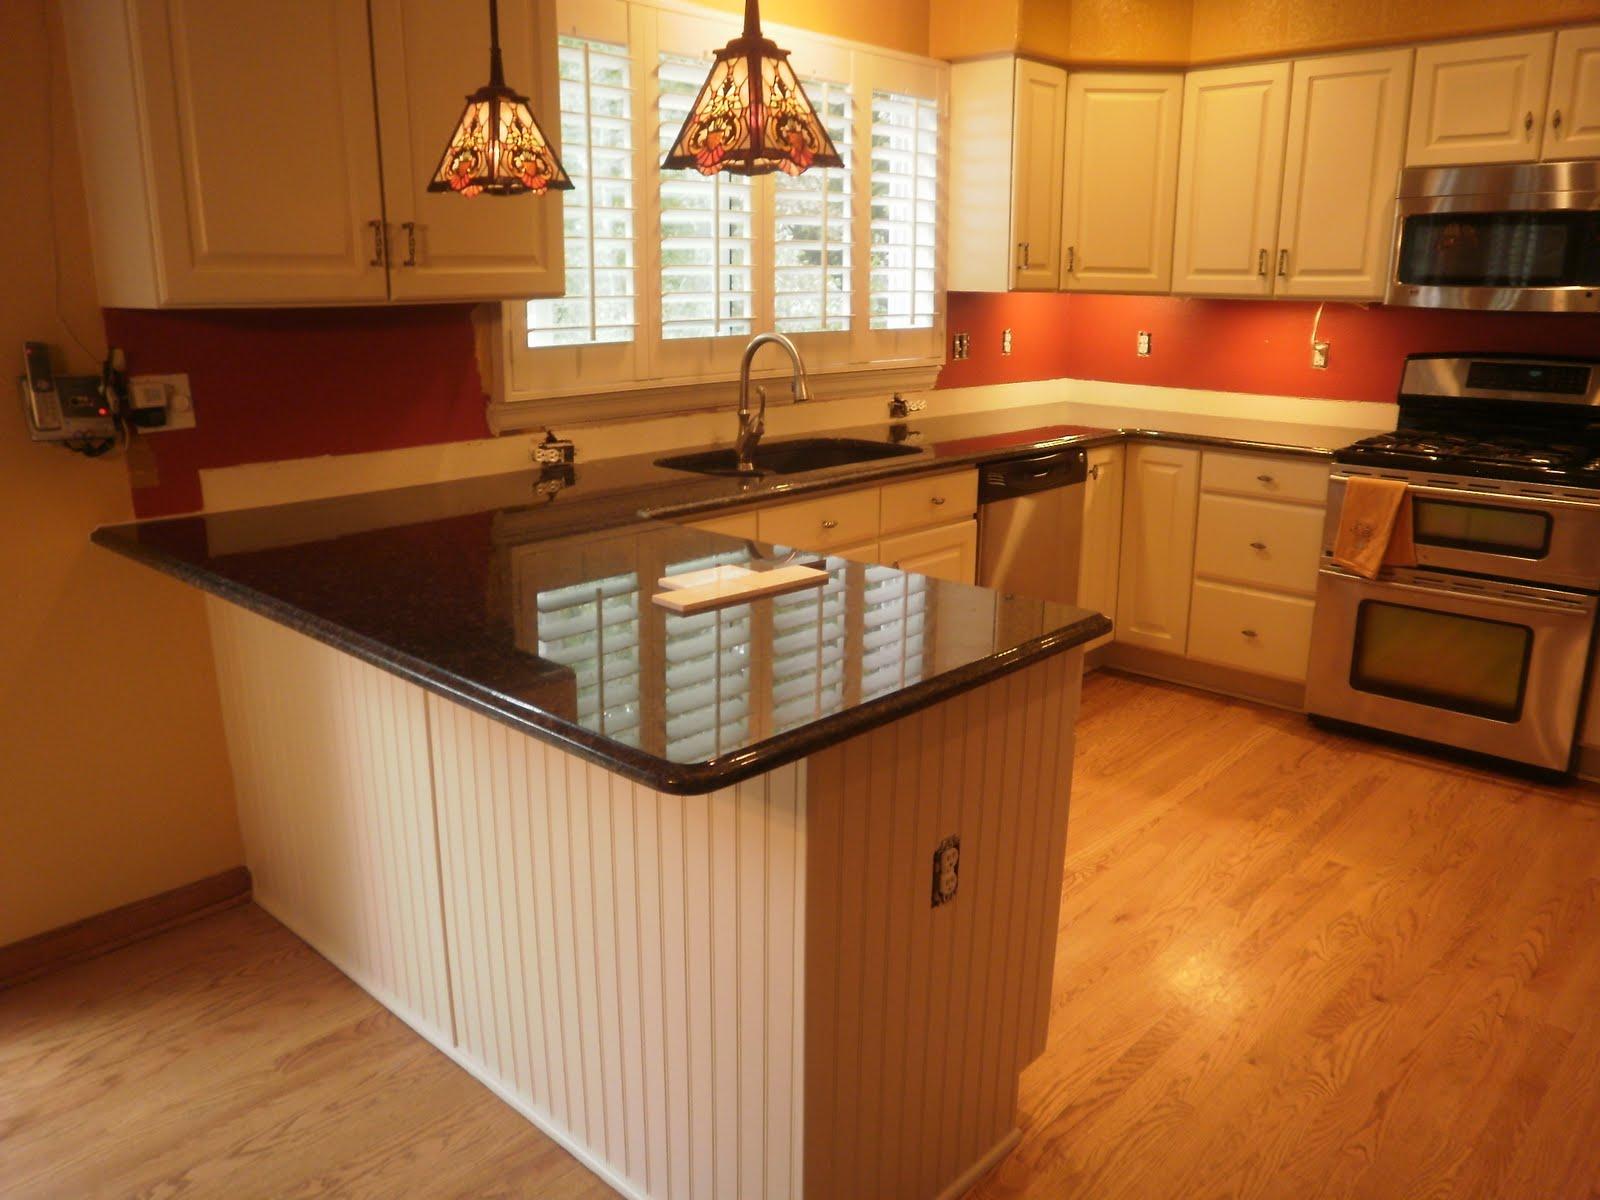 kitchen granite countertop design ideas photo - 1